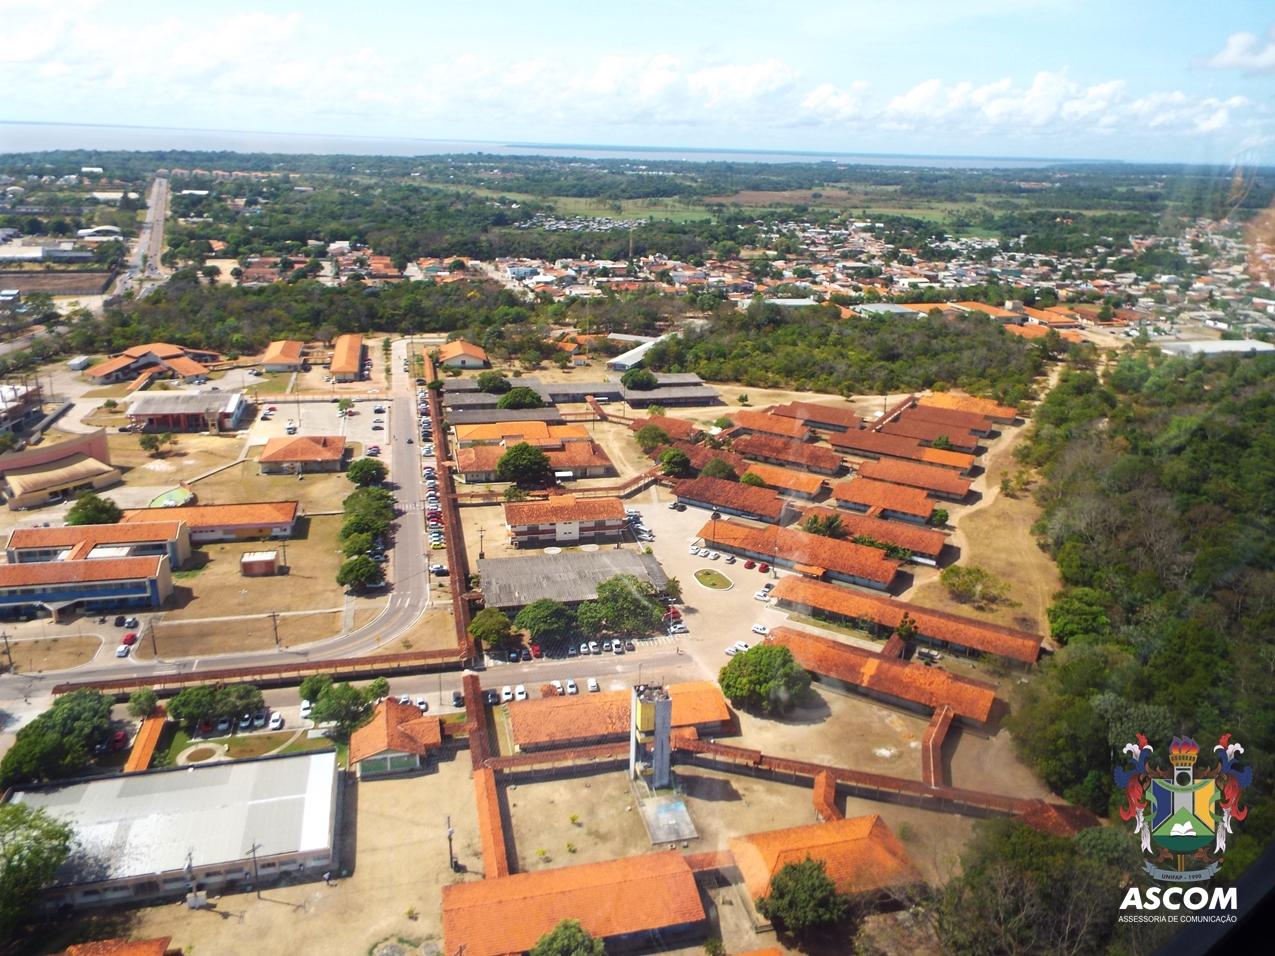 Vista aérea da Unifap